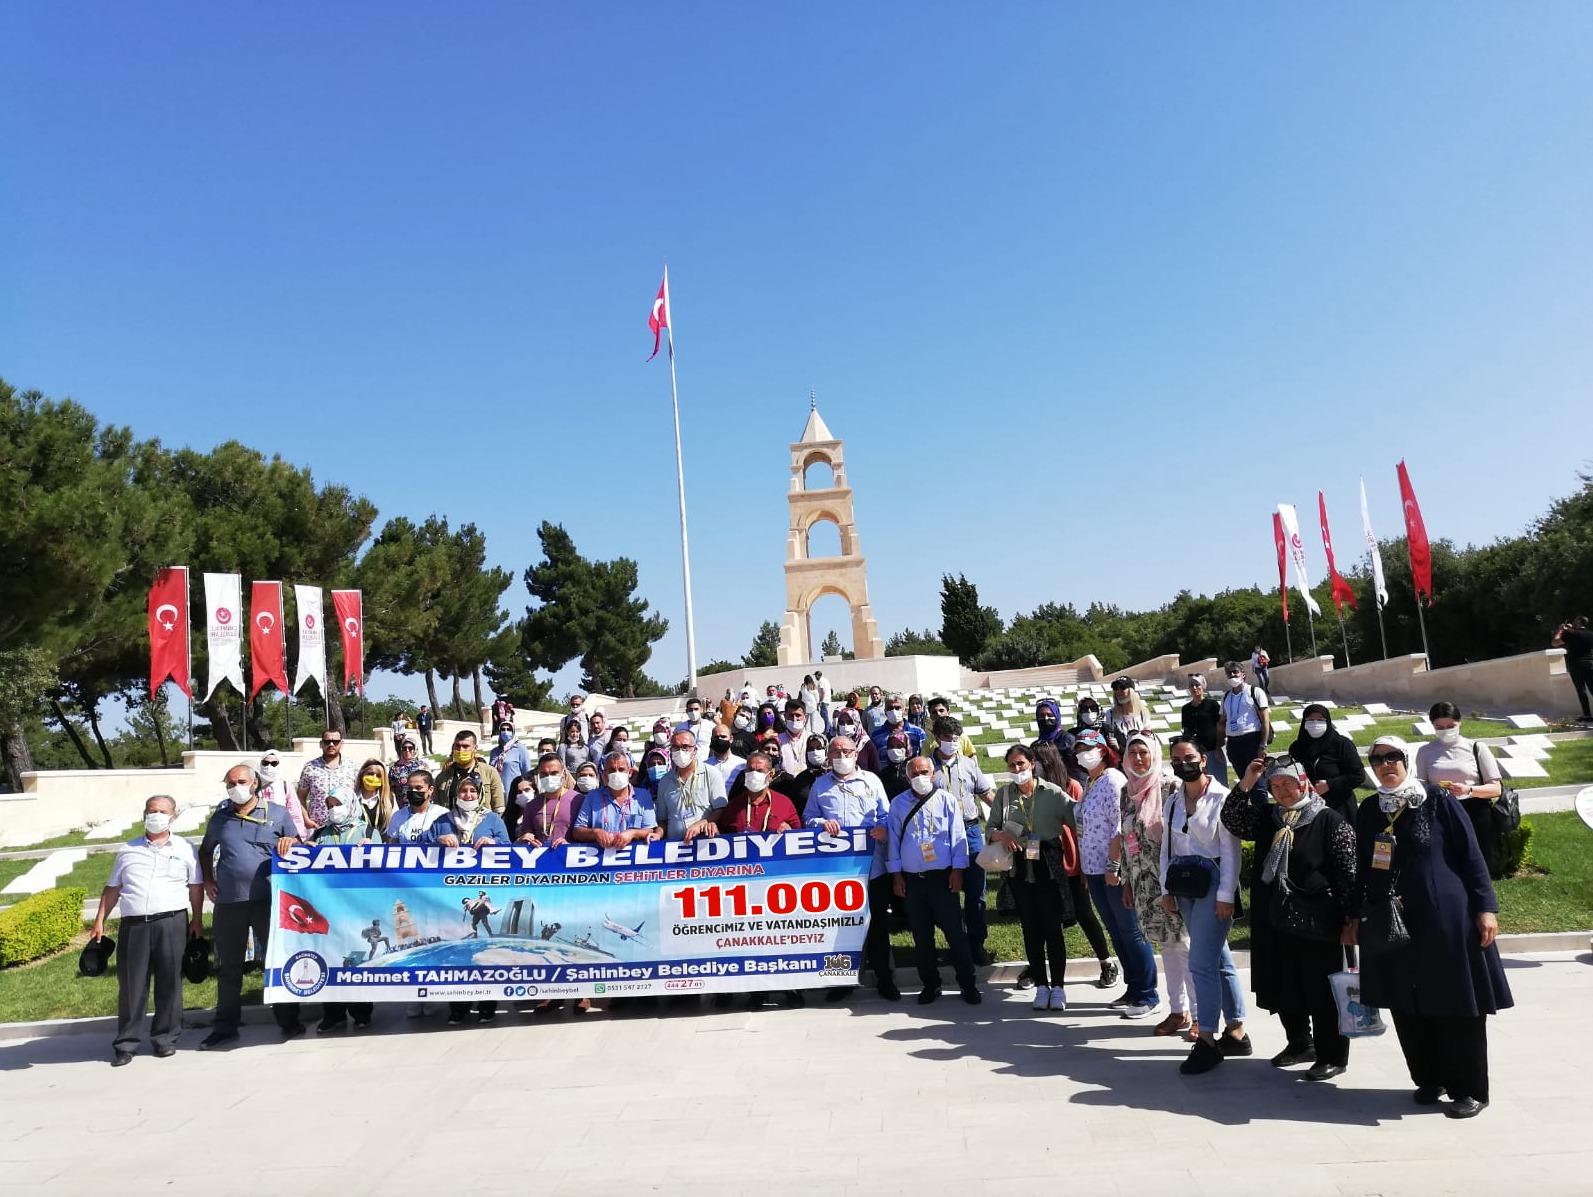 ŞAHİNBEY 111.000 GAZİ TORUNUNU ECDADIYLA BULUŞTURUYOR